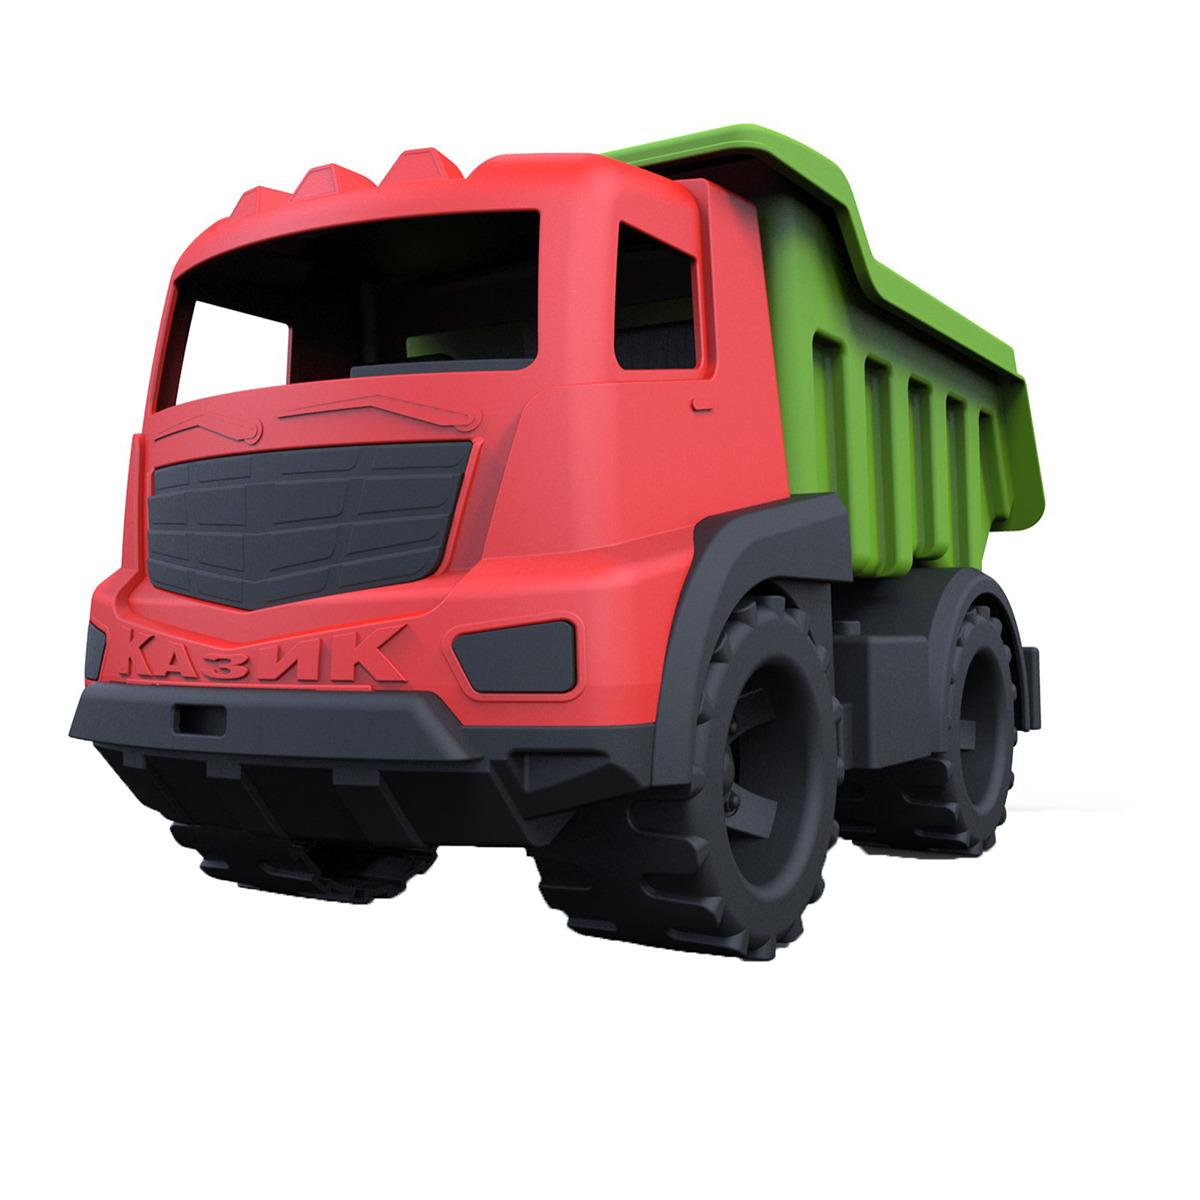 Машинка Казик, 3948014, красный, зеленый